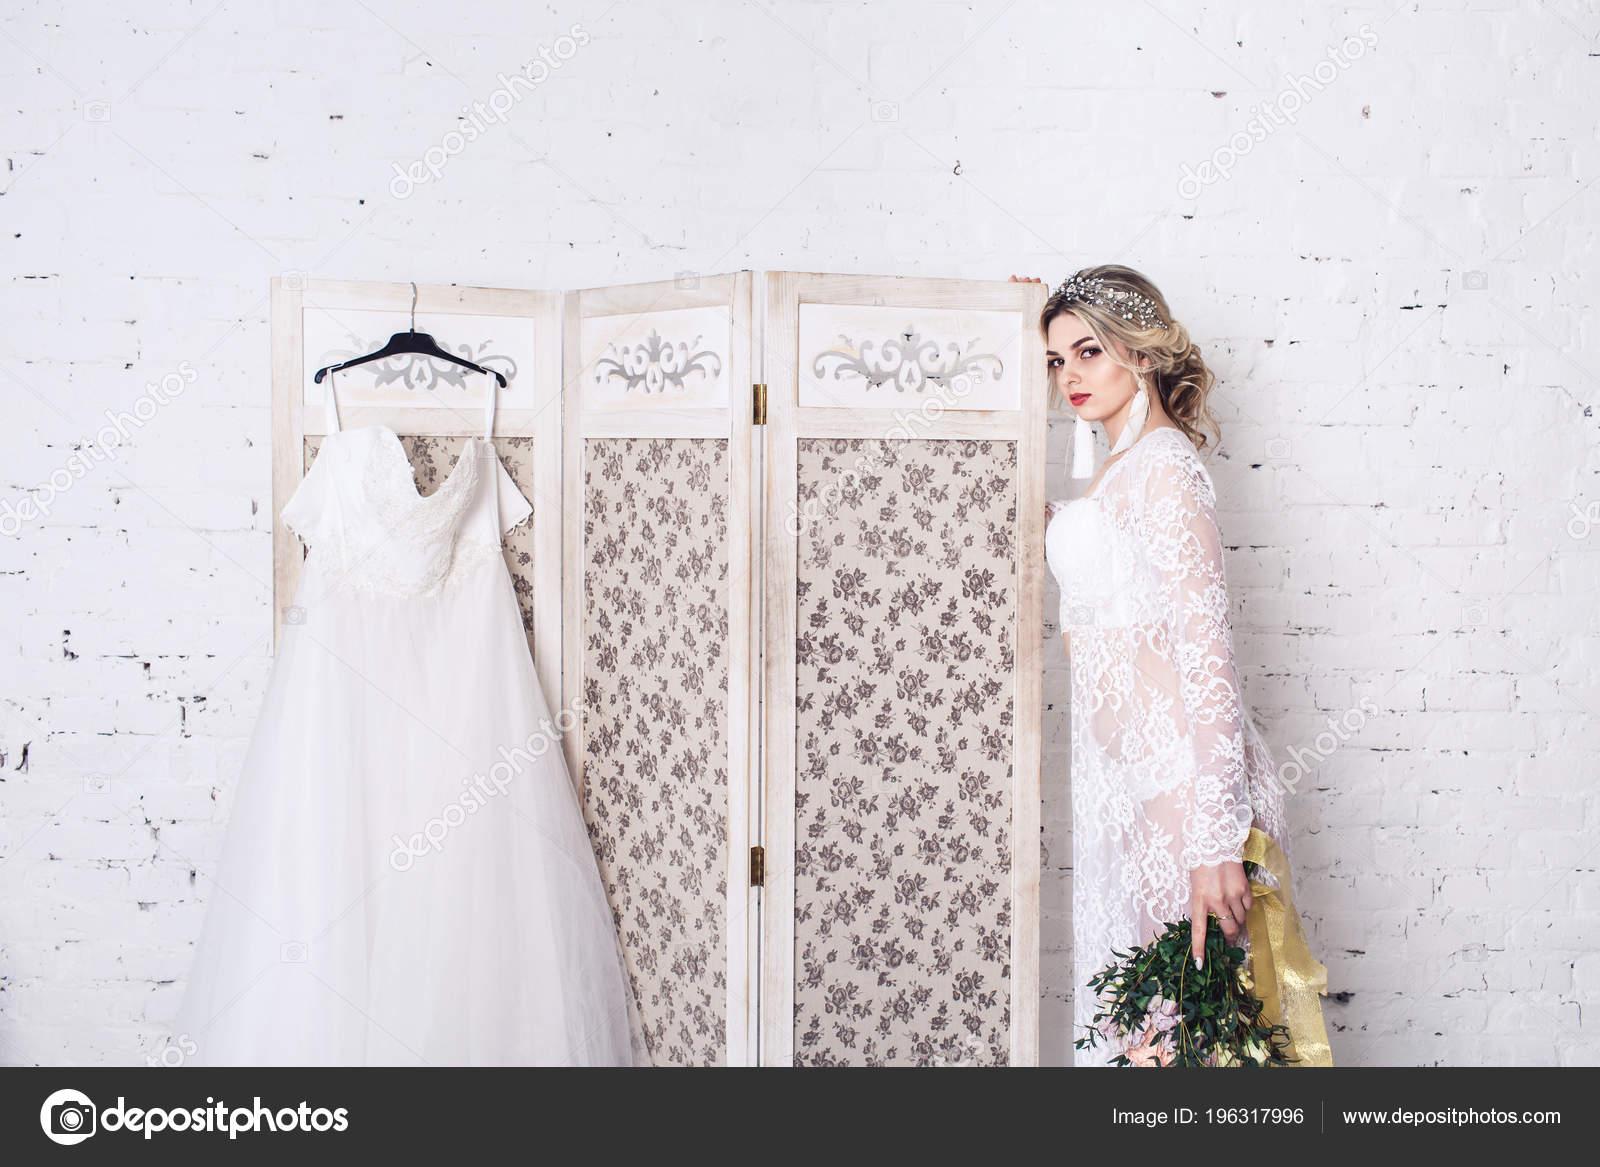 Bride Dressed Peignoir Underwear Stands Shield Wedding Dress Holds